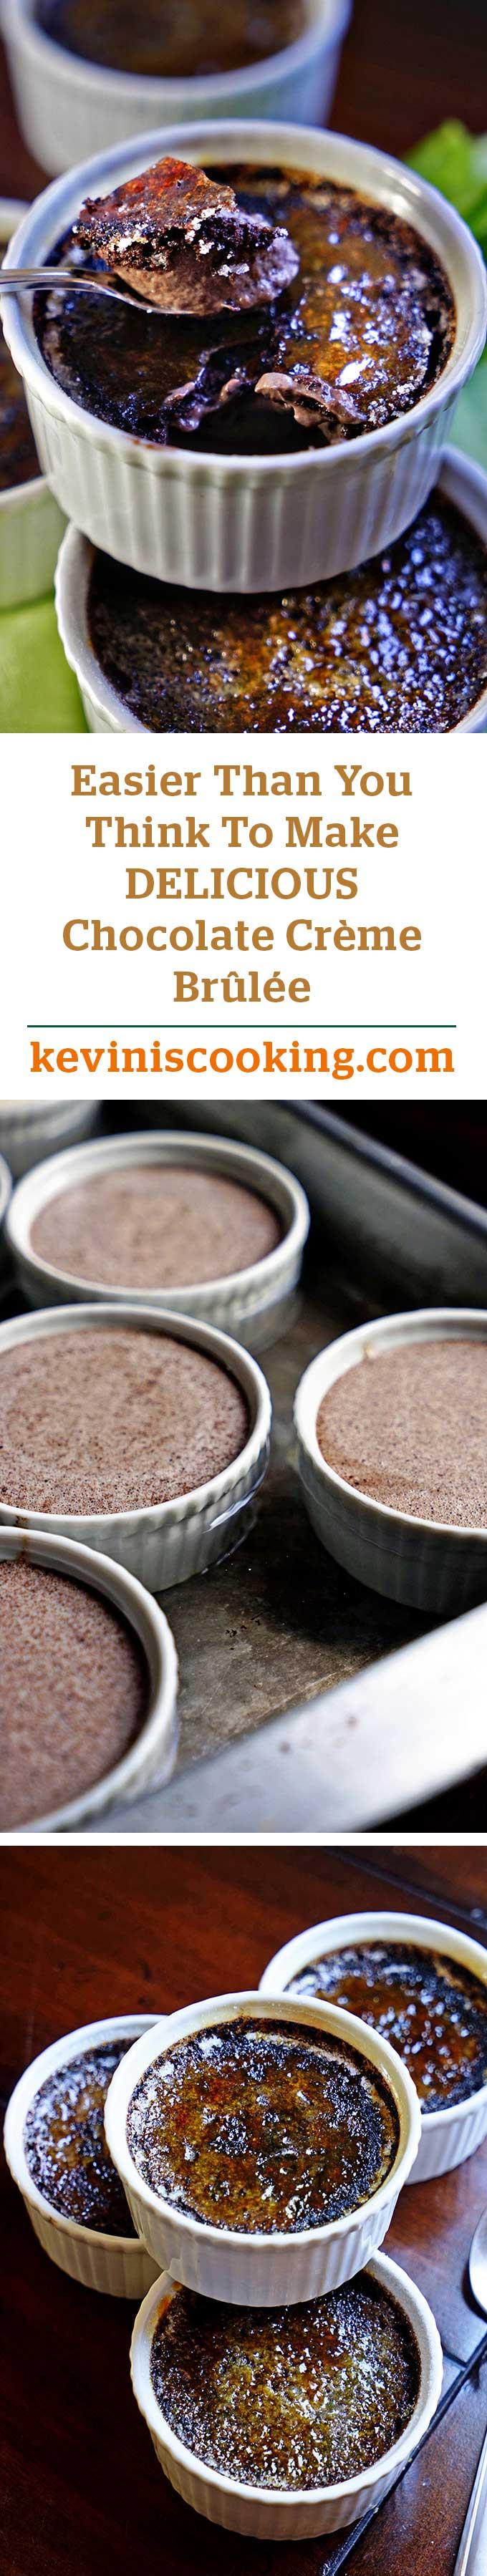 Chocolate Crème Brûlée - keviniscooking.com